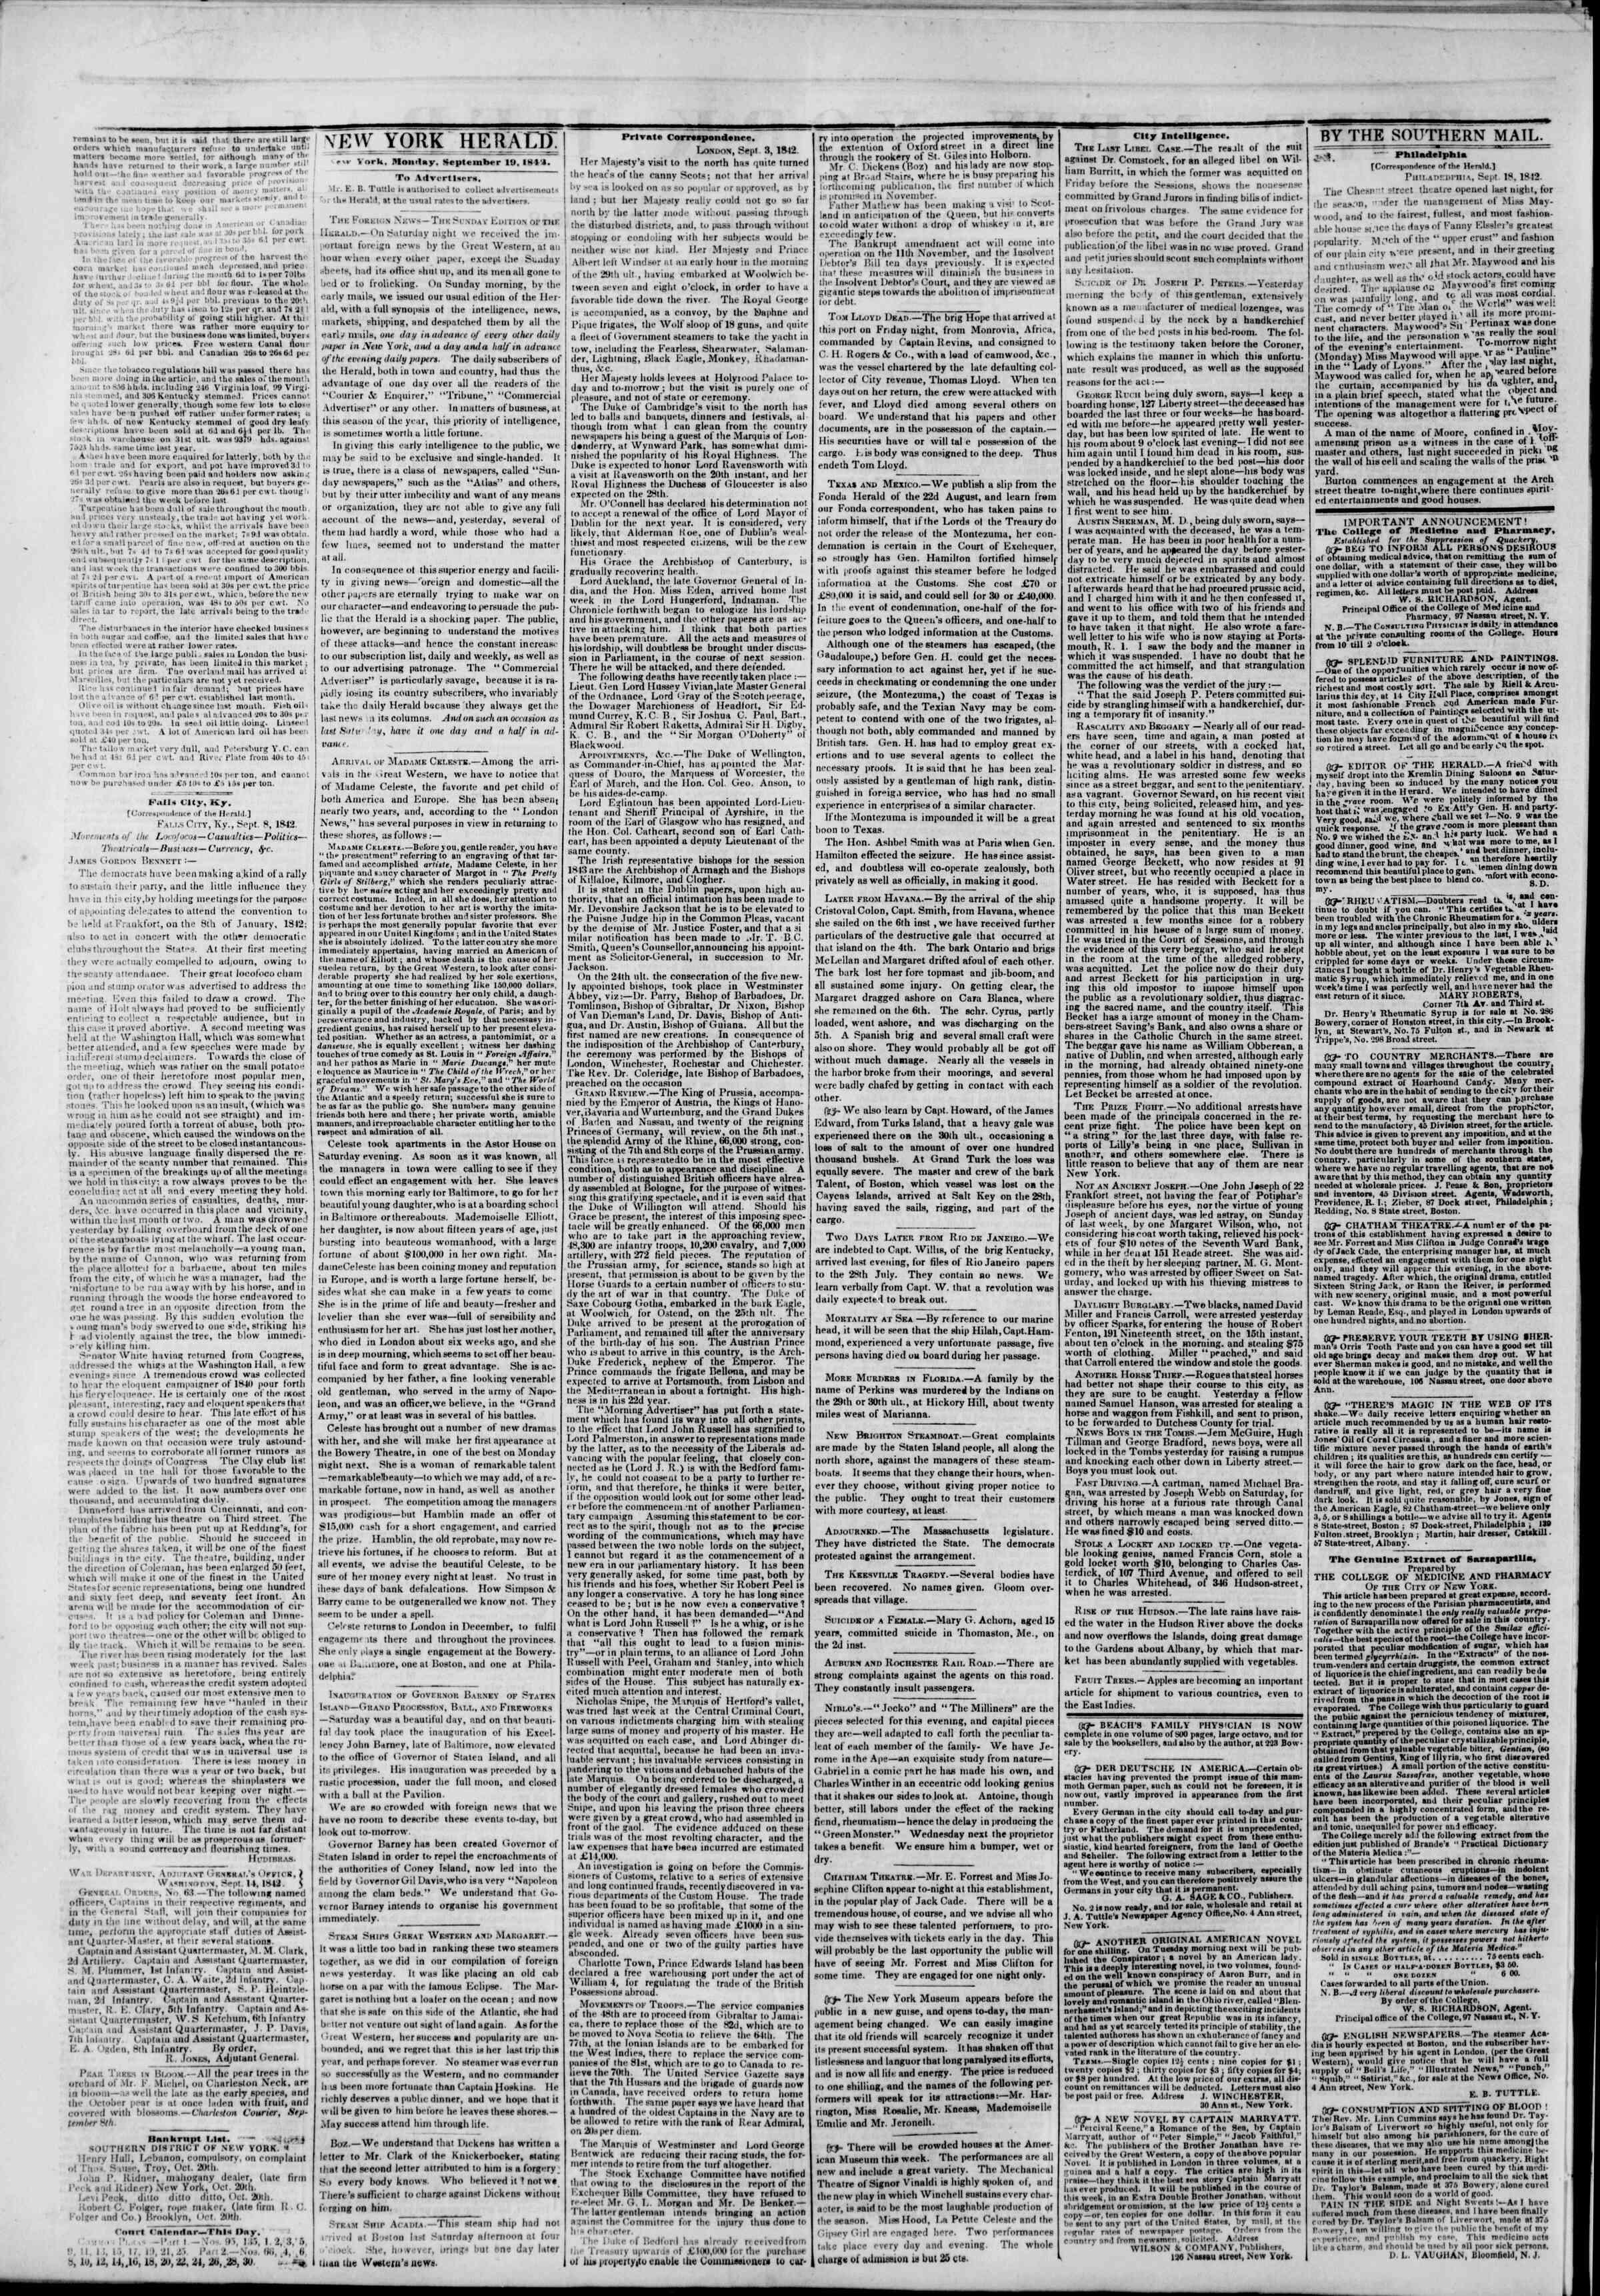 19 Eylül 1842 Tarihli The New York Herald Gazetesi Sayfa 2